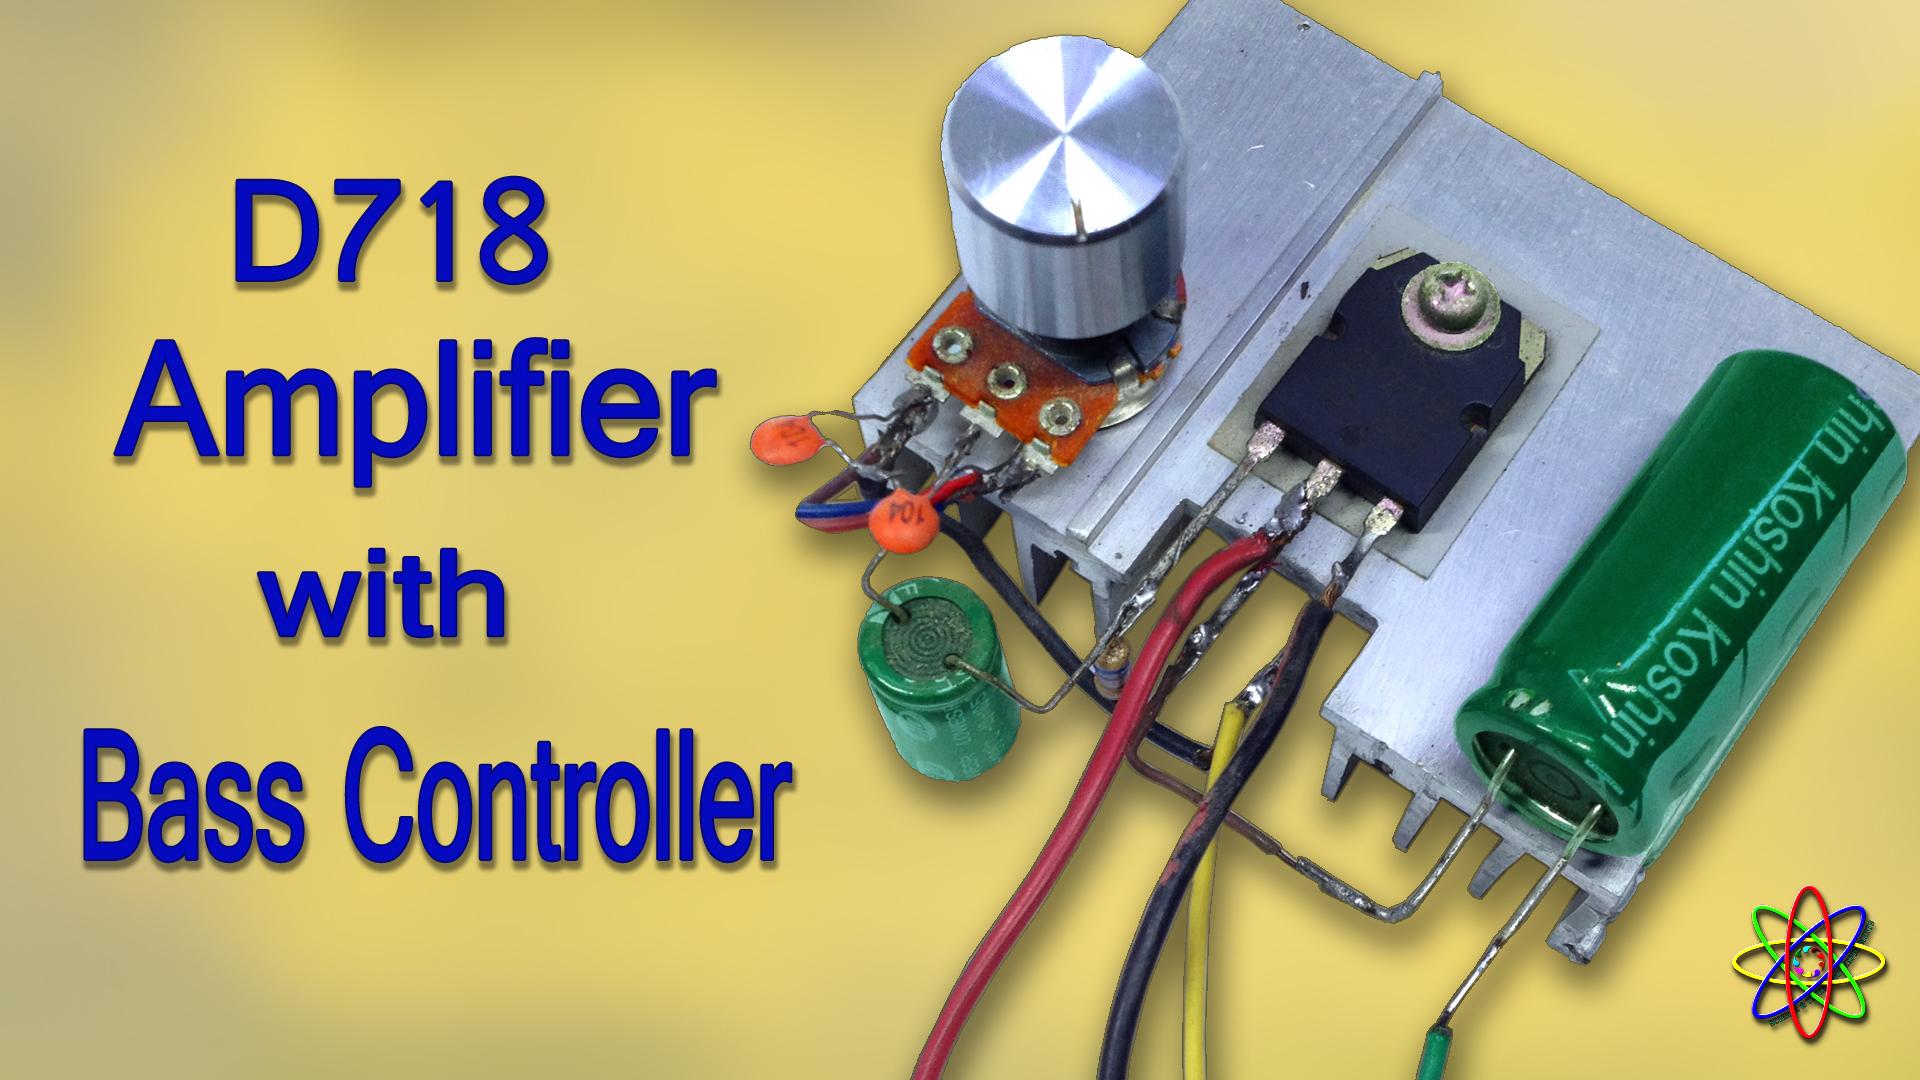 D718 amplifier heavy bass controller